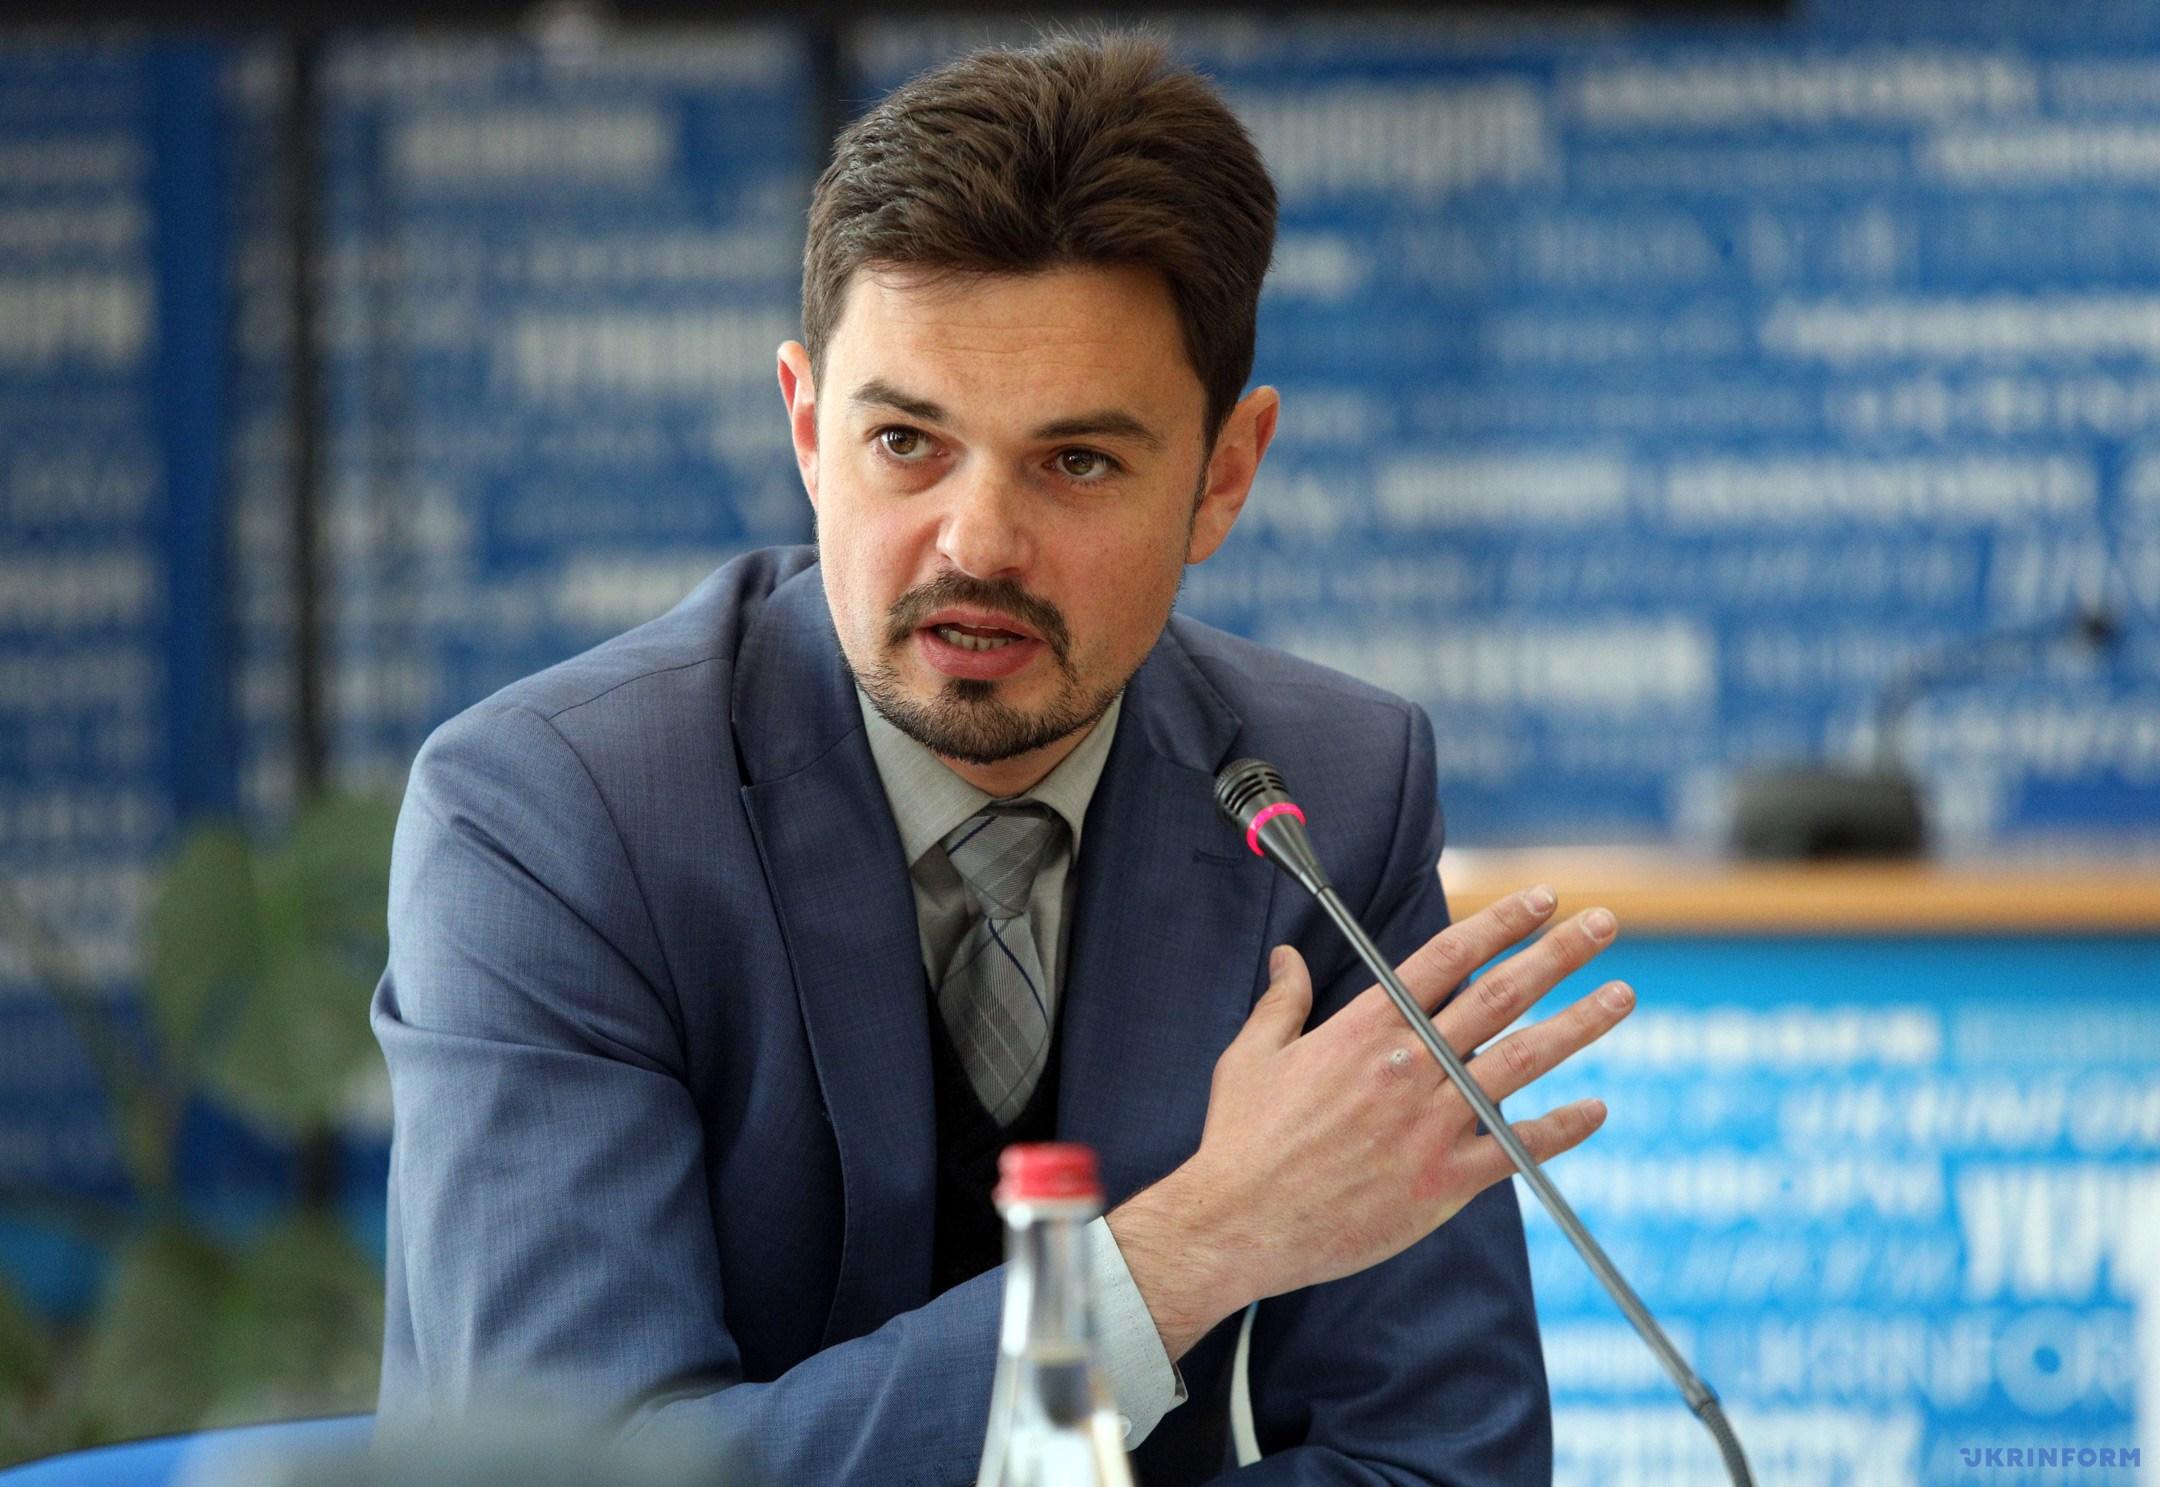 Дмитро Золотухін, заступник Міністра інформаційної політики України